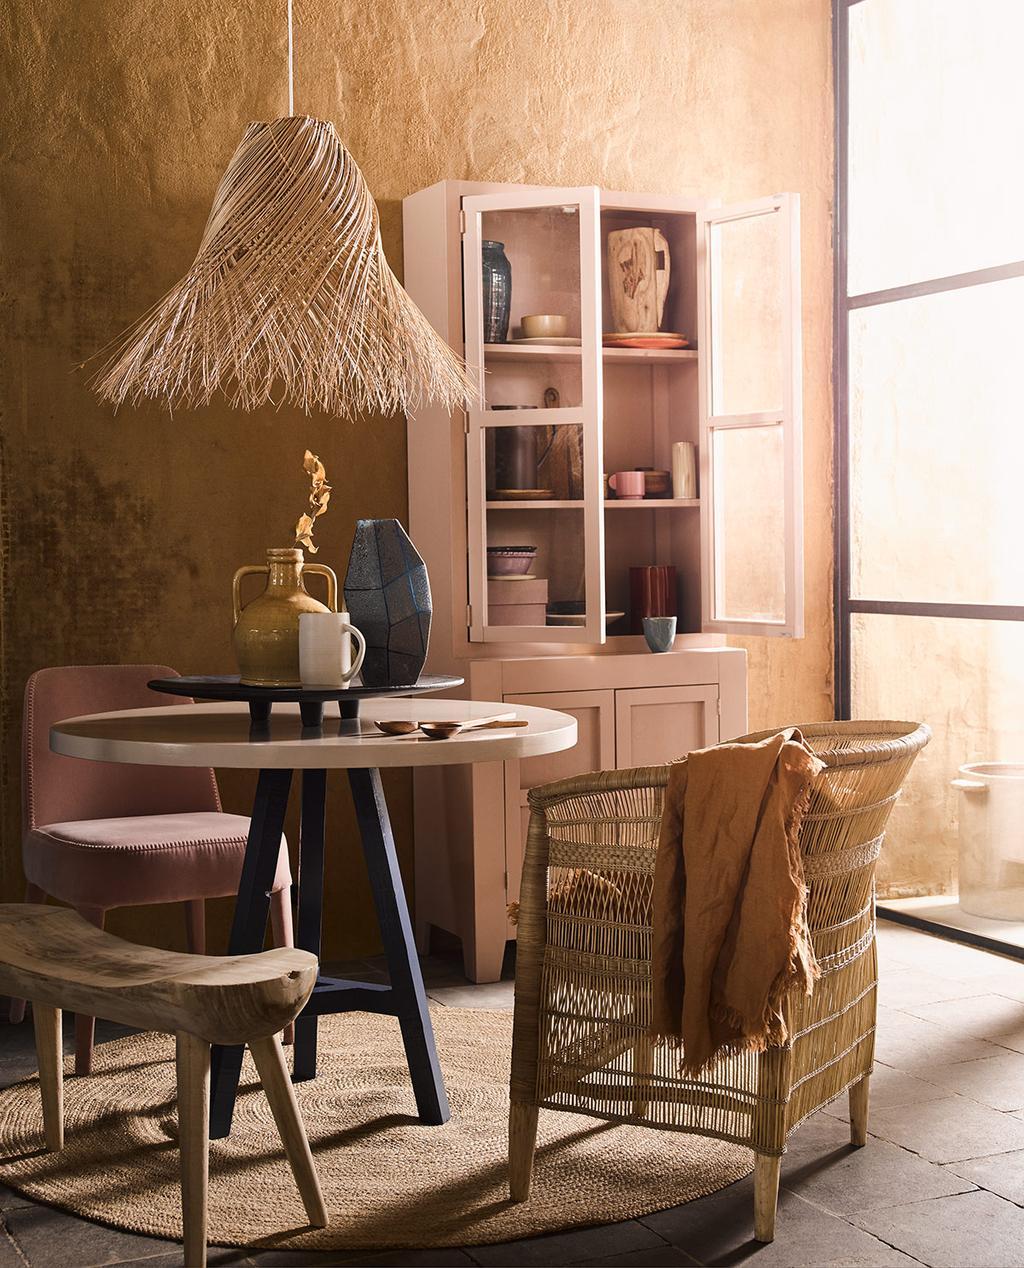 styling vtwonen editie 6 woestijnkleuren eethoek tafel met stoelen